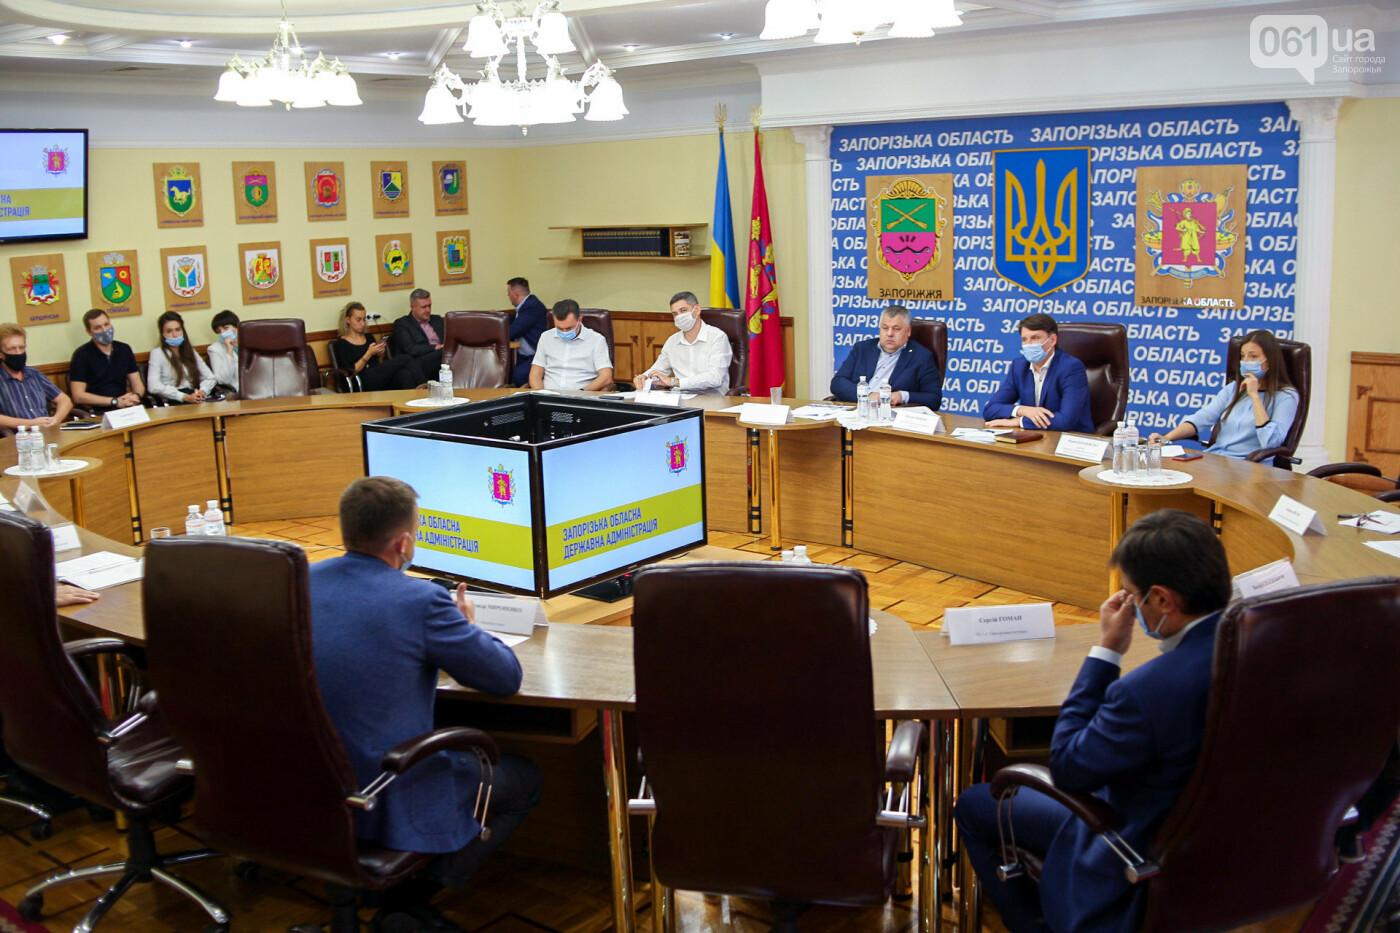 5 років питанням захисту довкілля в Запоріжжя не займались взагалі, – Віталій Тишечко заявив на конференції, присвяченій захисту довкілля, фото-3